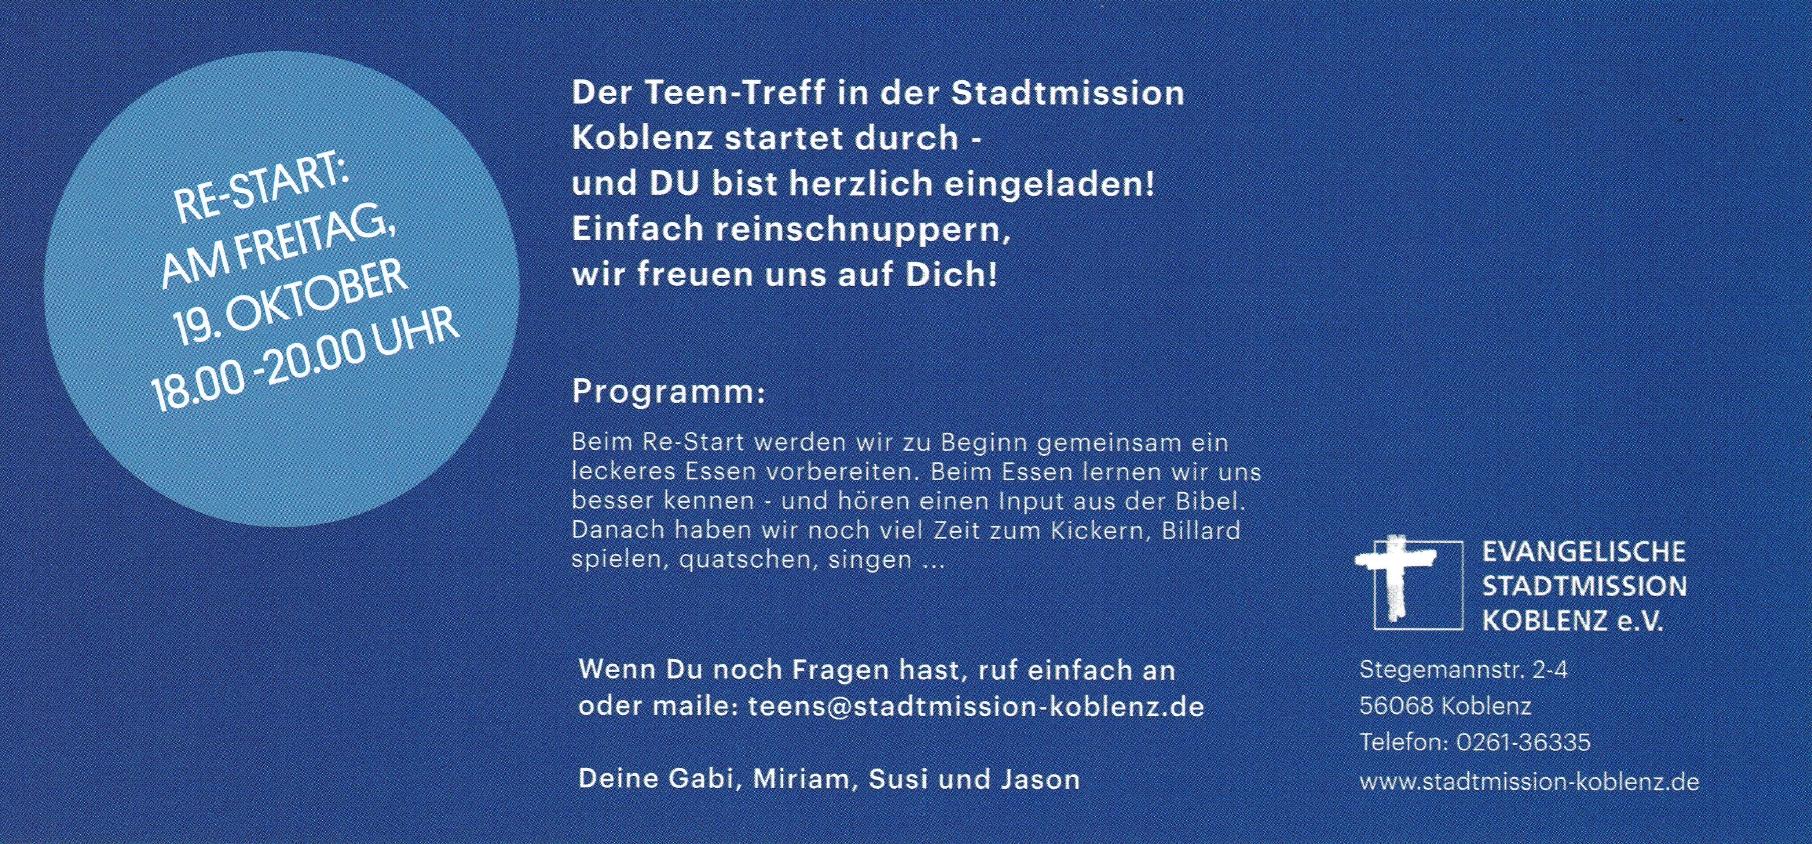 teen-treff02.jpg